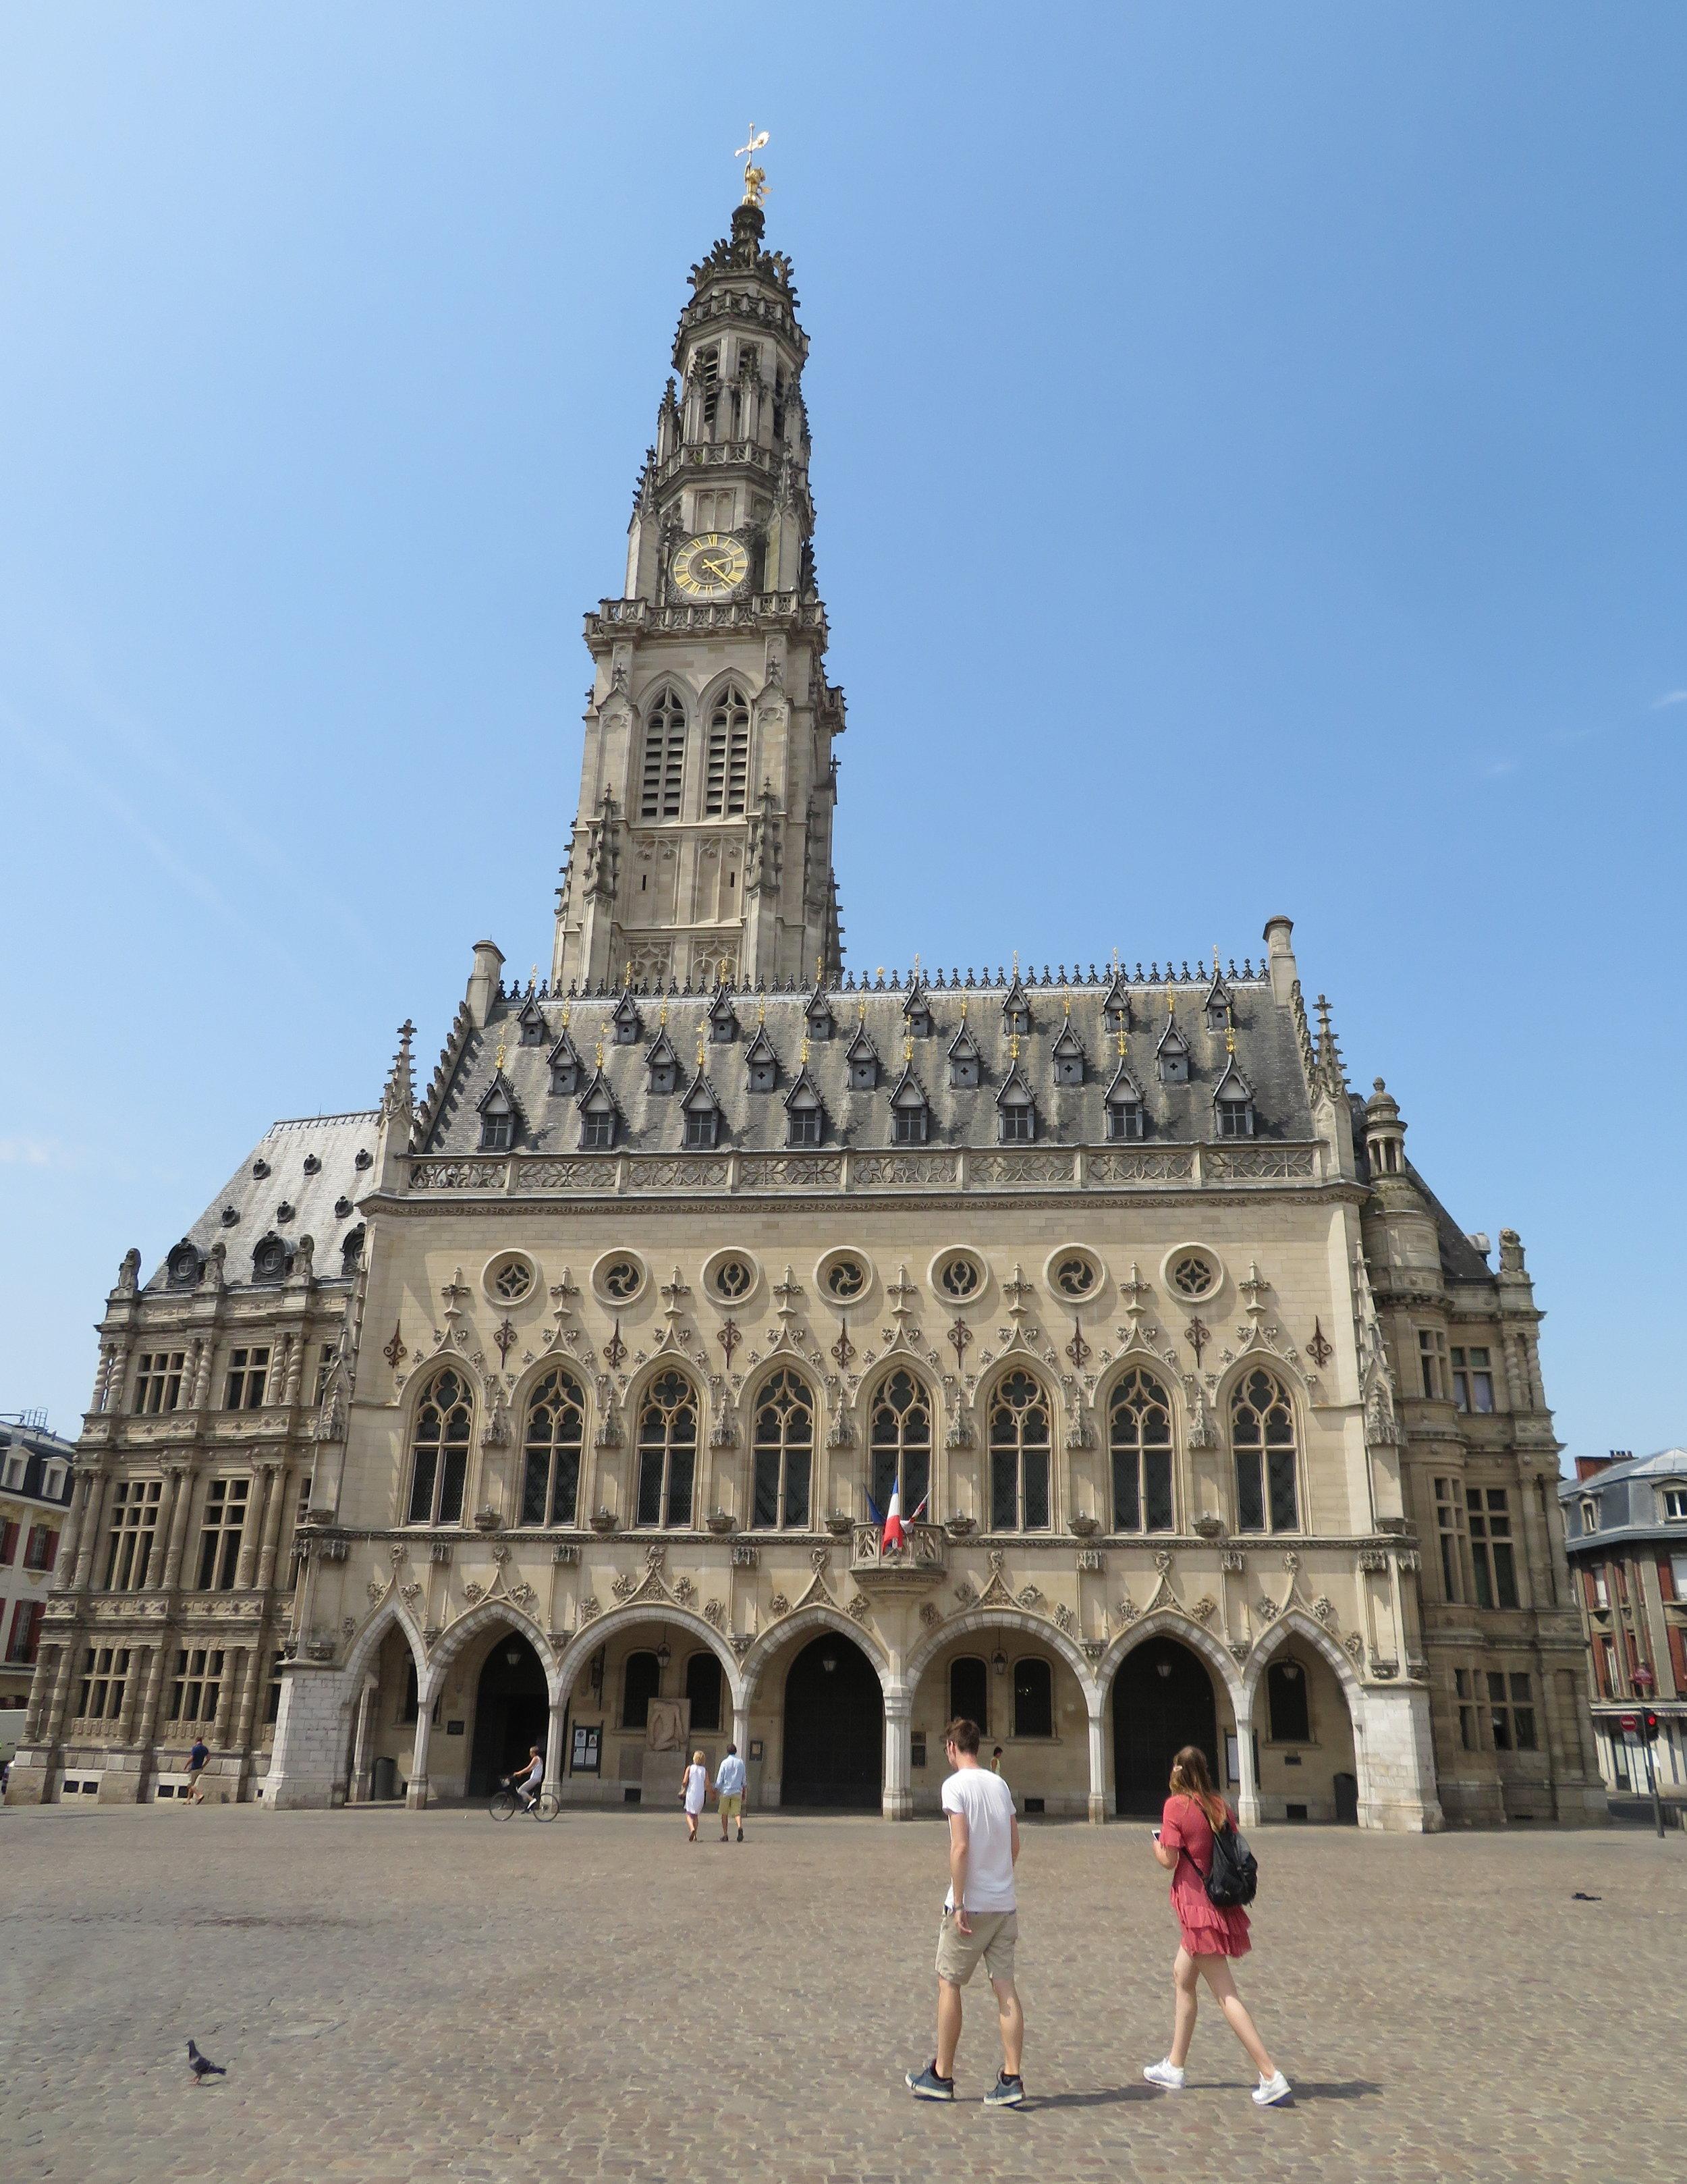 Hôtel de Ville (city hall) in Arras dominates the market square.